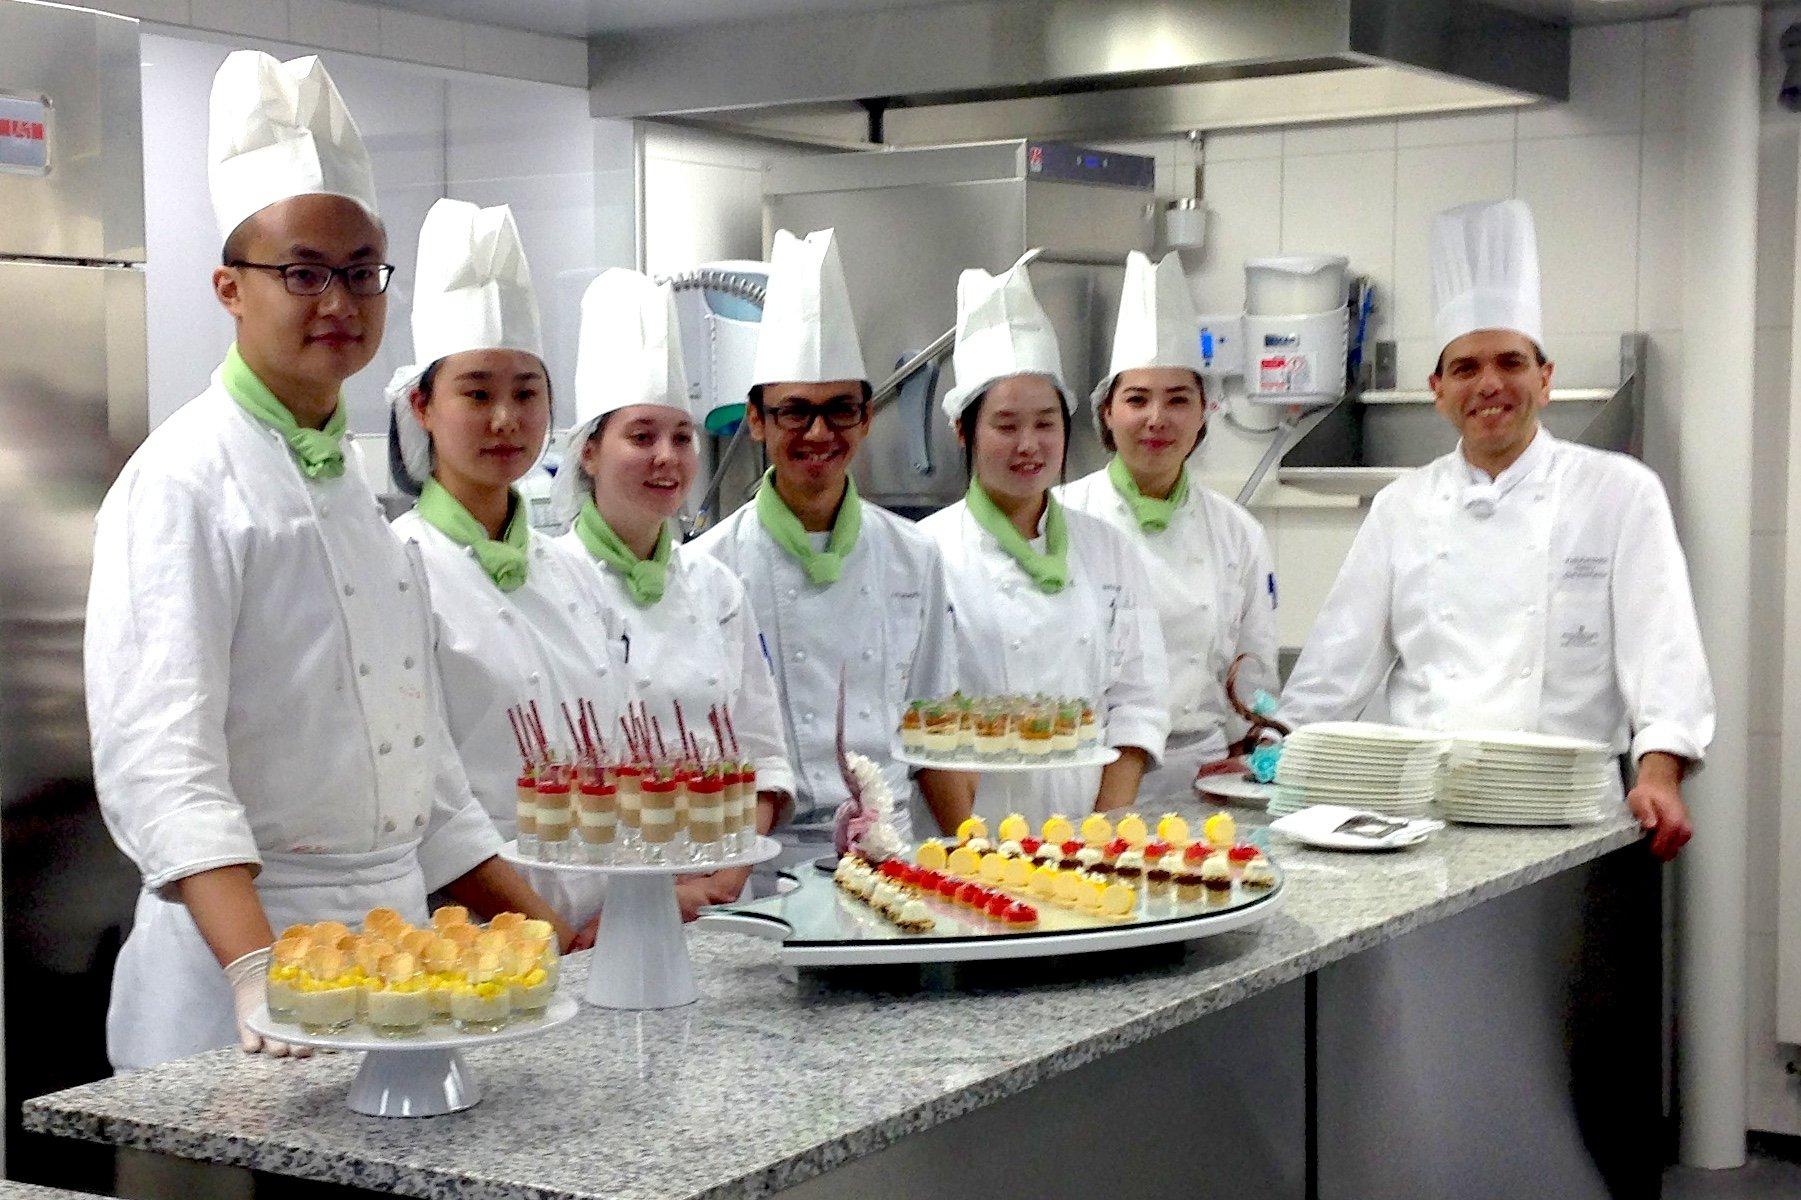 Die Patisserie und Chocolatiers in Ausbildung zusammen mit dem Chef Instruktor Fotos Kefalakis.